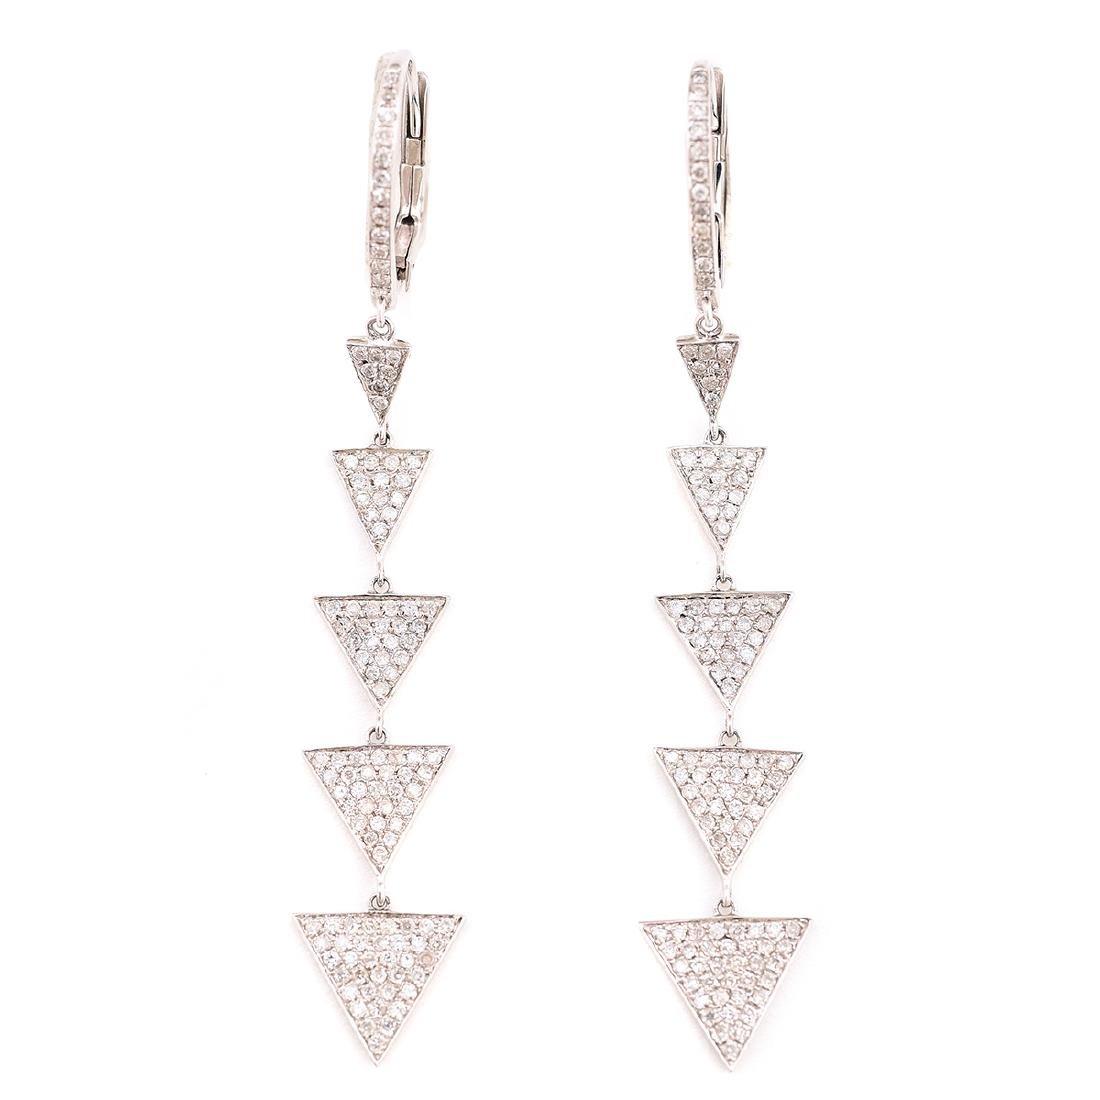 Pair of Diamond, 14k White Gold Earrings.